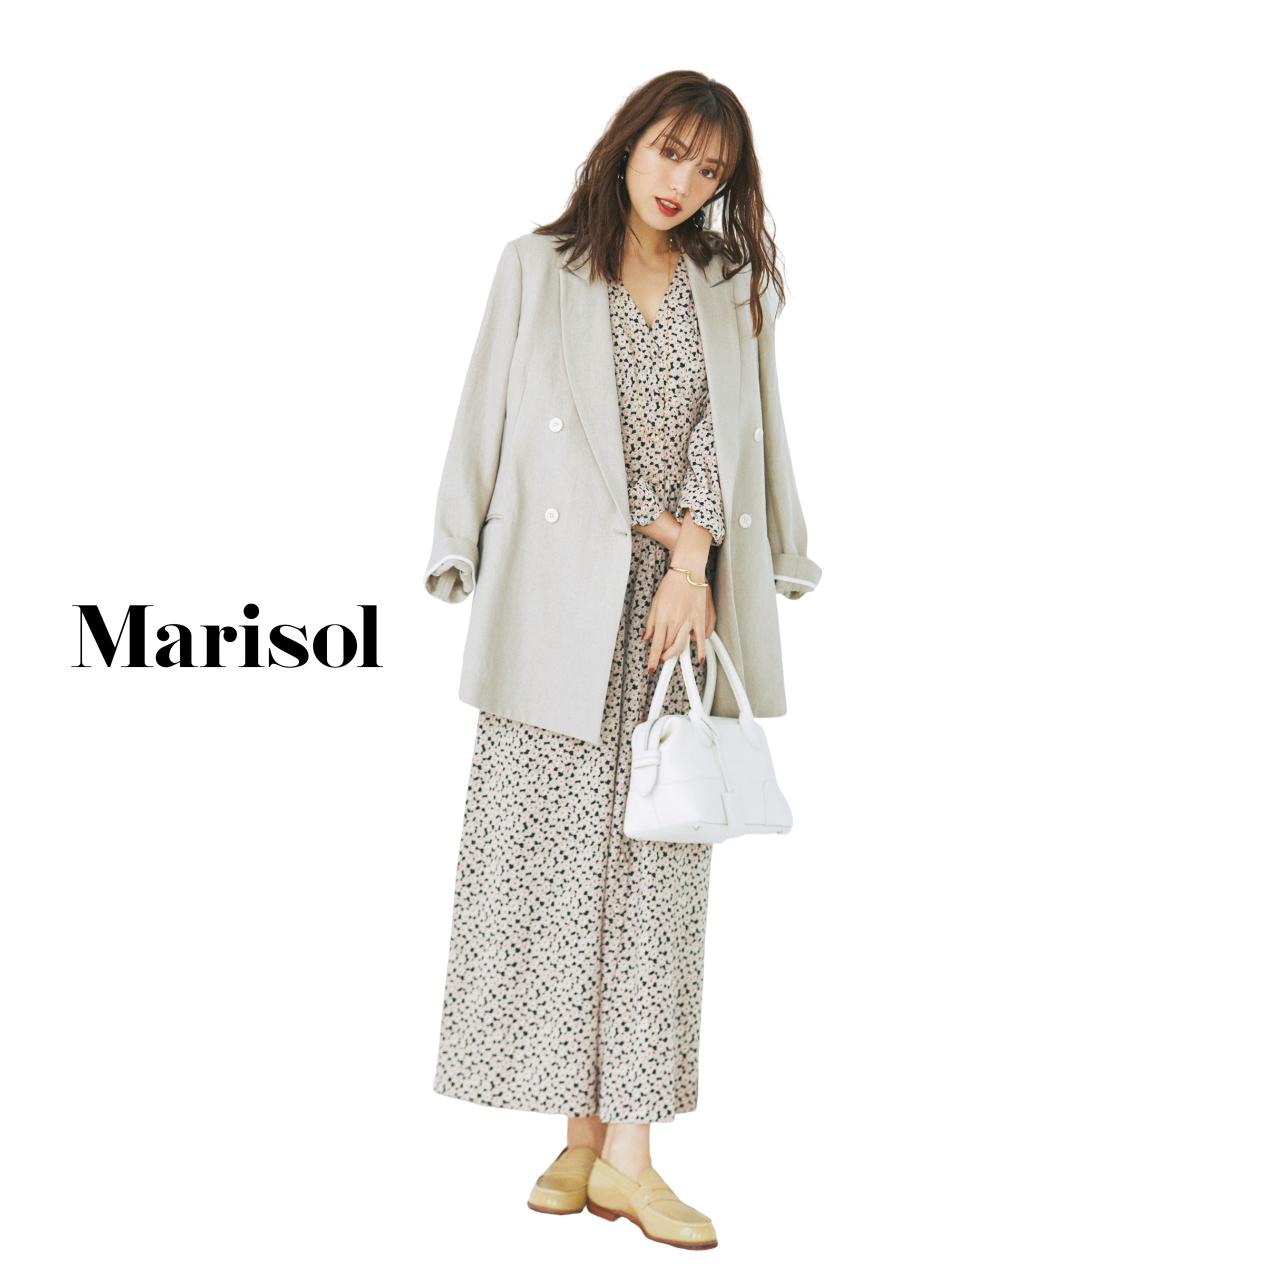 40代ファッション ロングジャケット×小花柄ワンピースコーデ